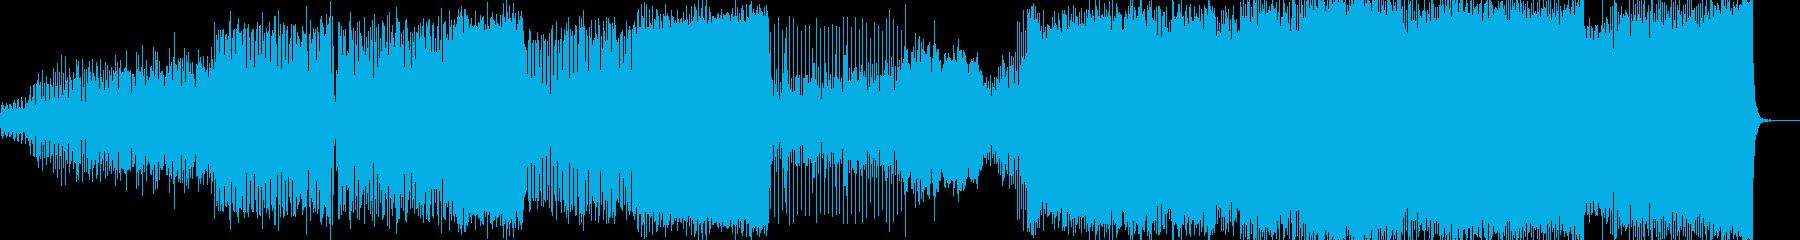 pulseの再生済みの波形